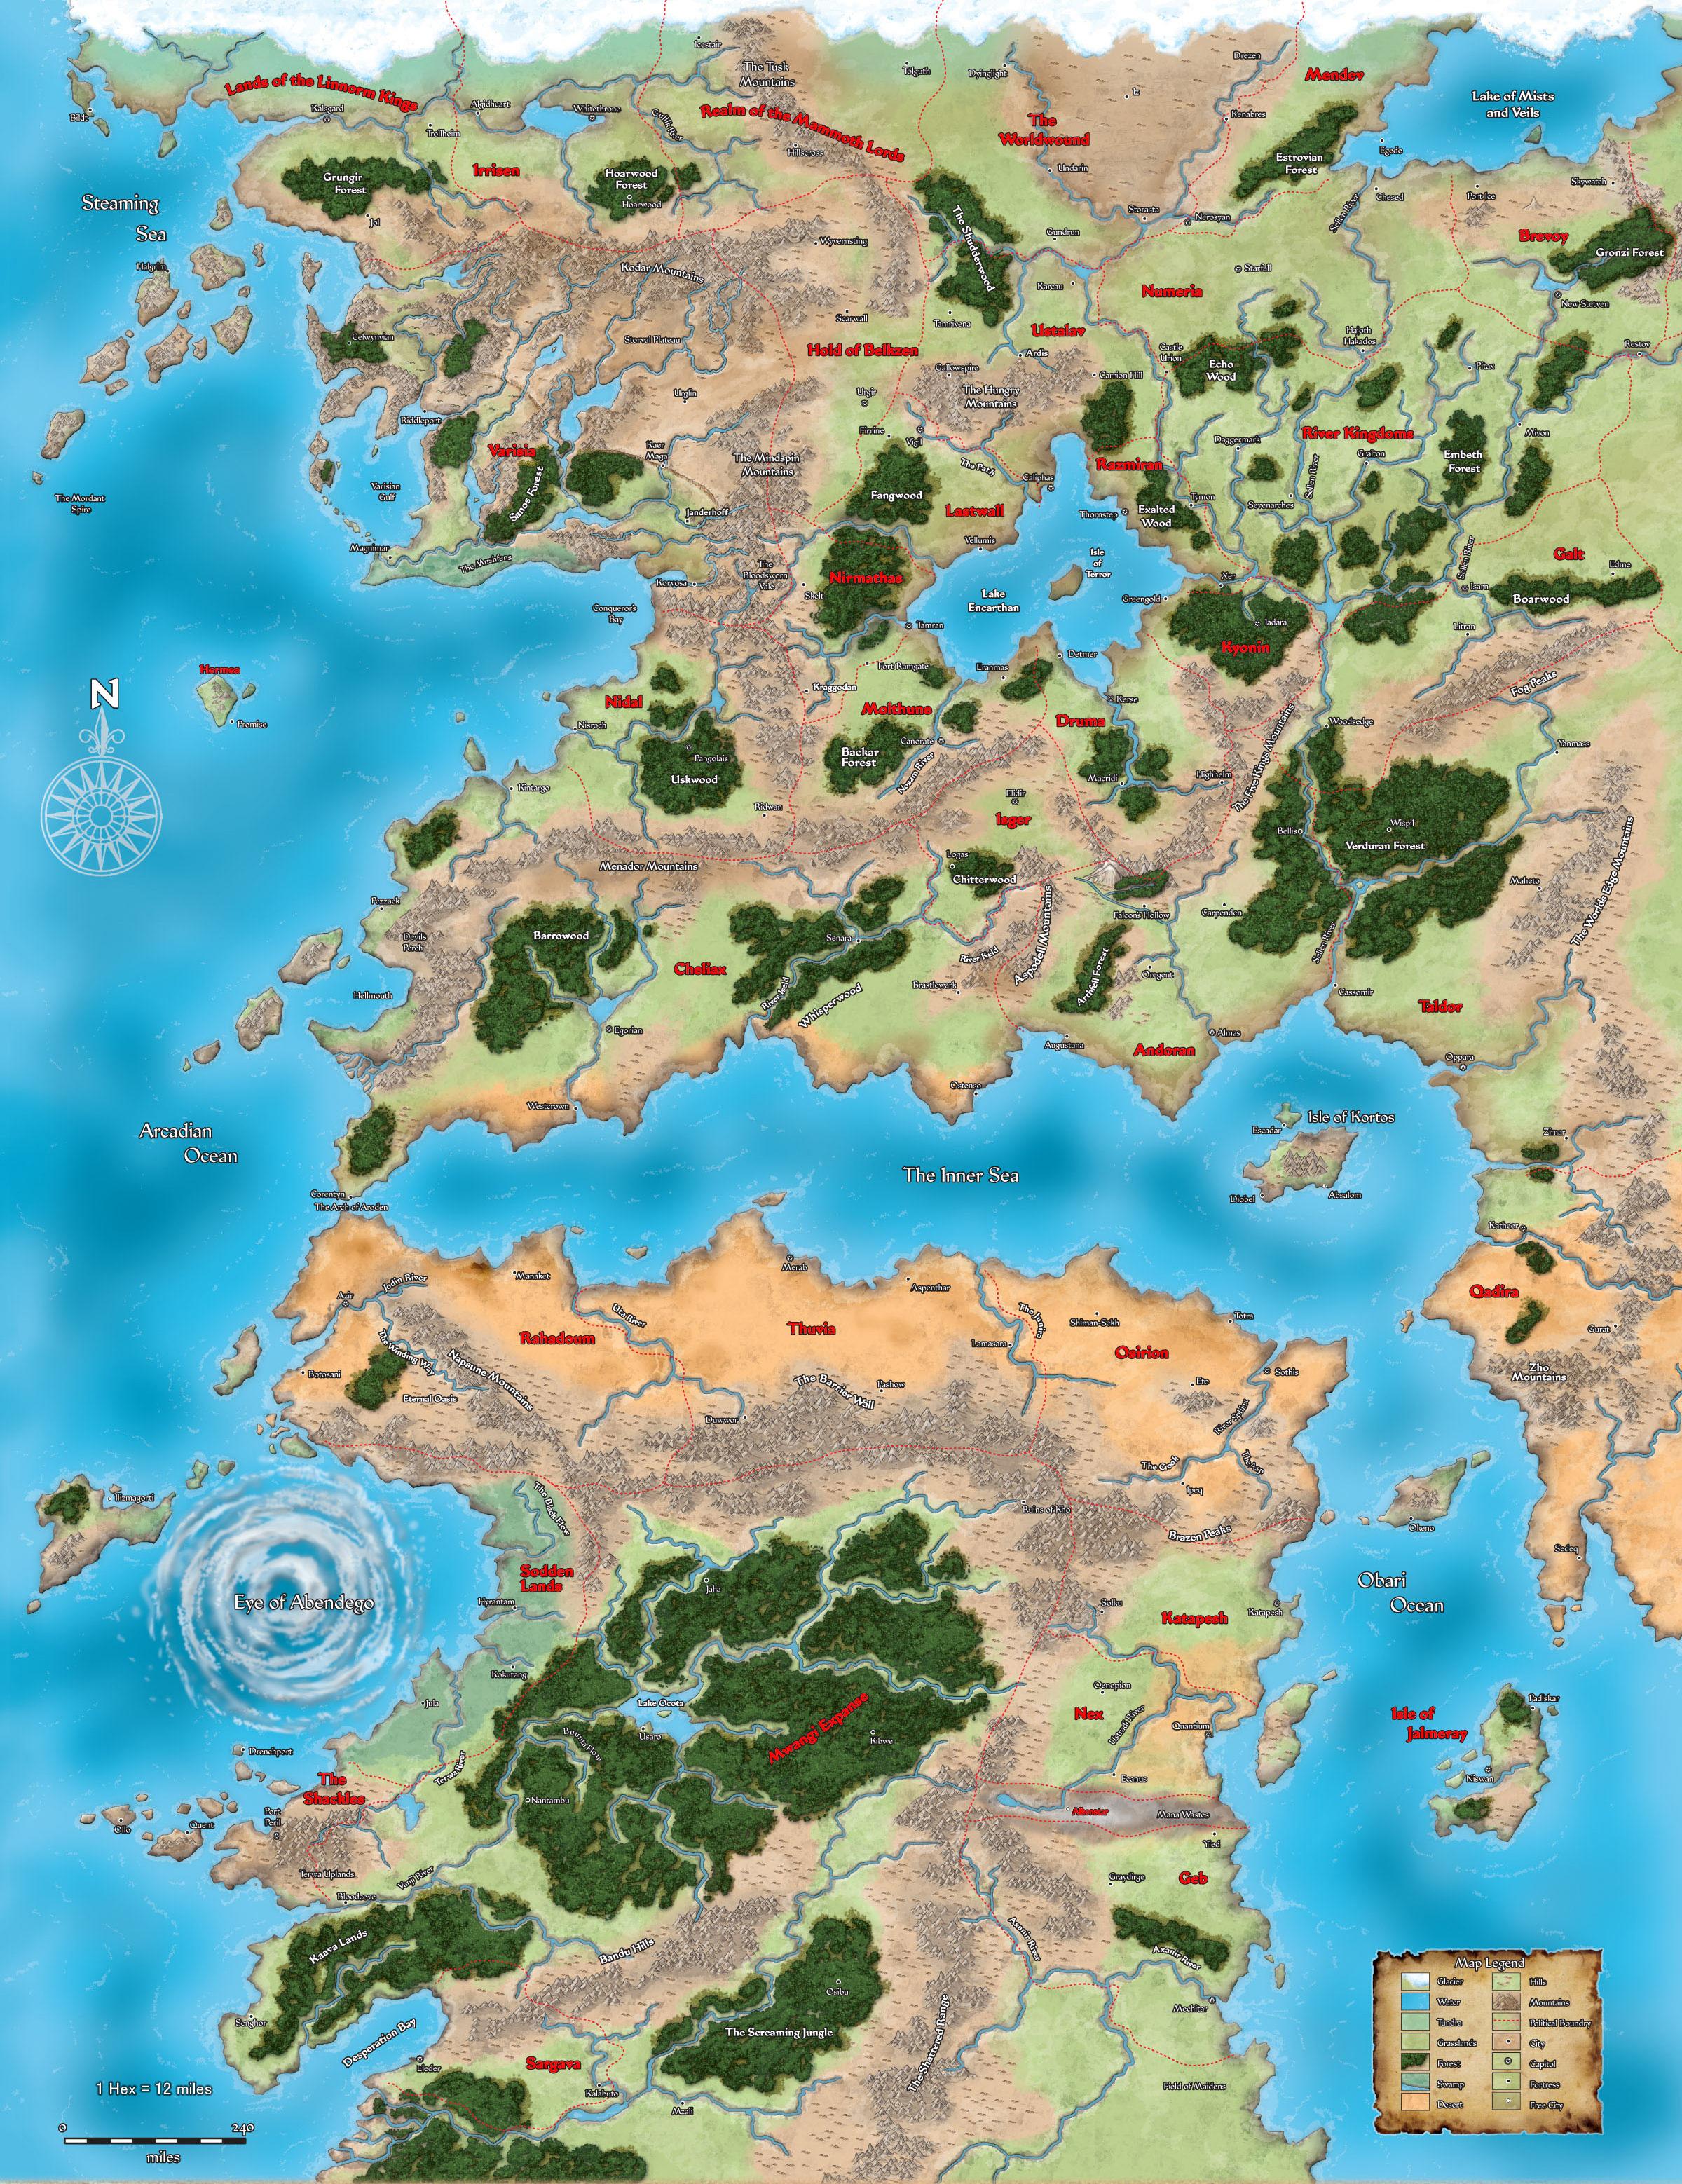 Dd 4e World Map.Golarion World Map Kings Of Kings